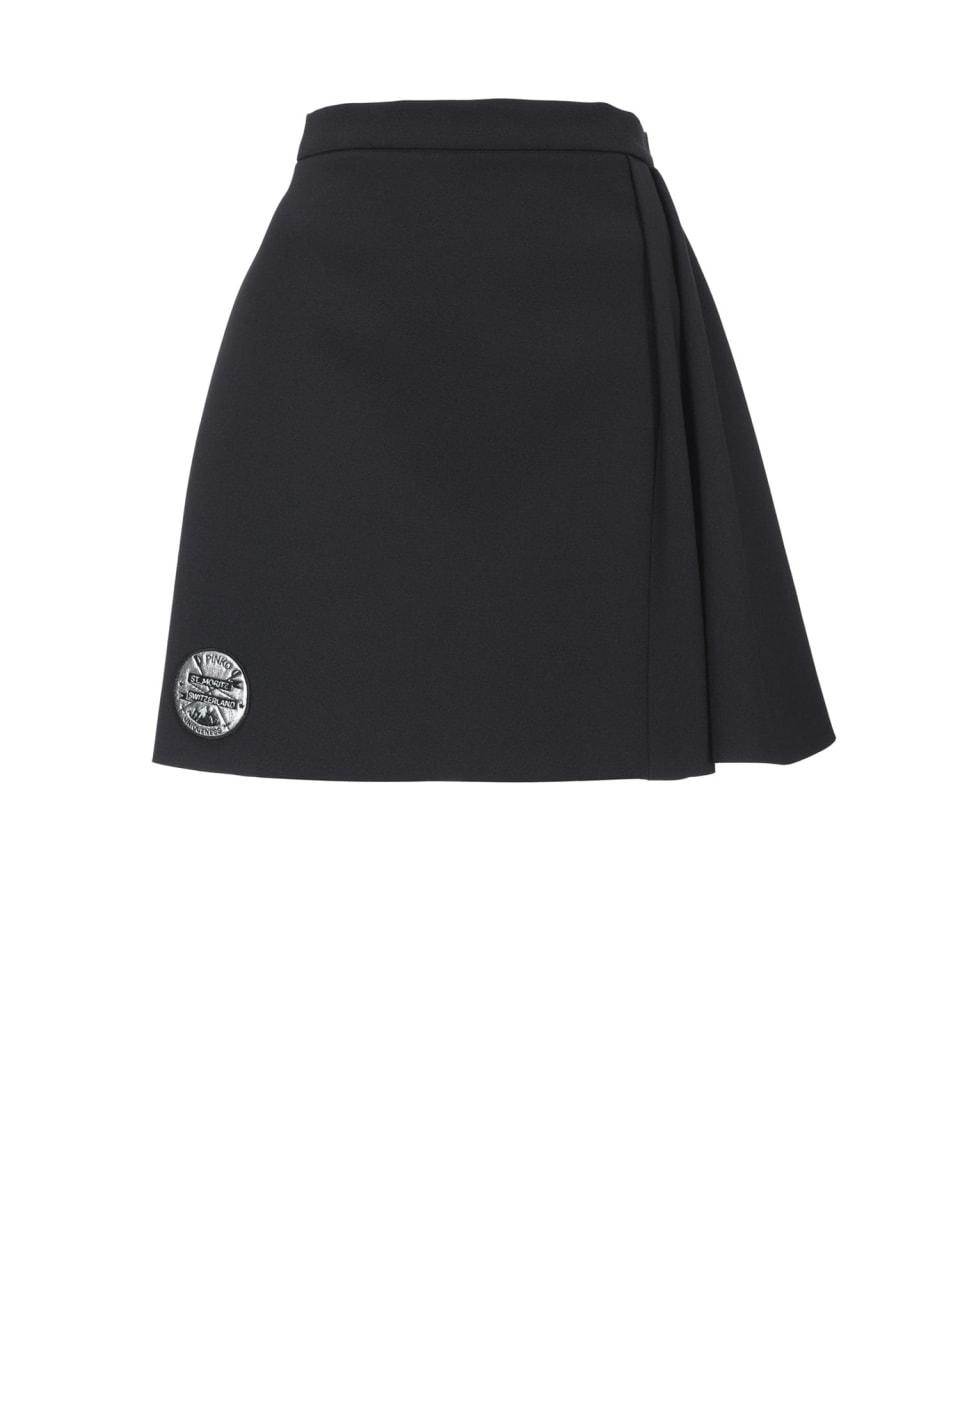 Minifalda de crepé adherido